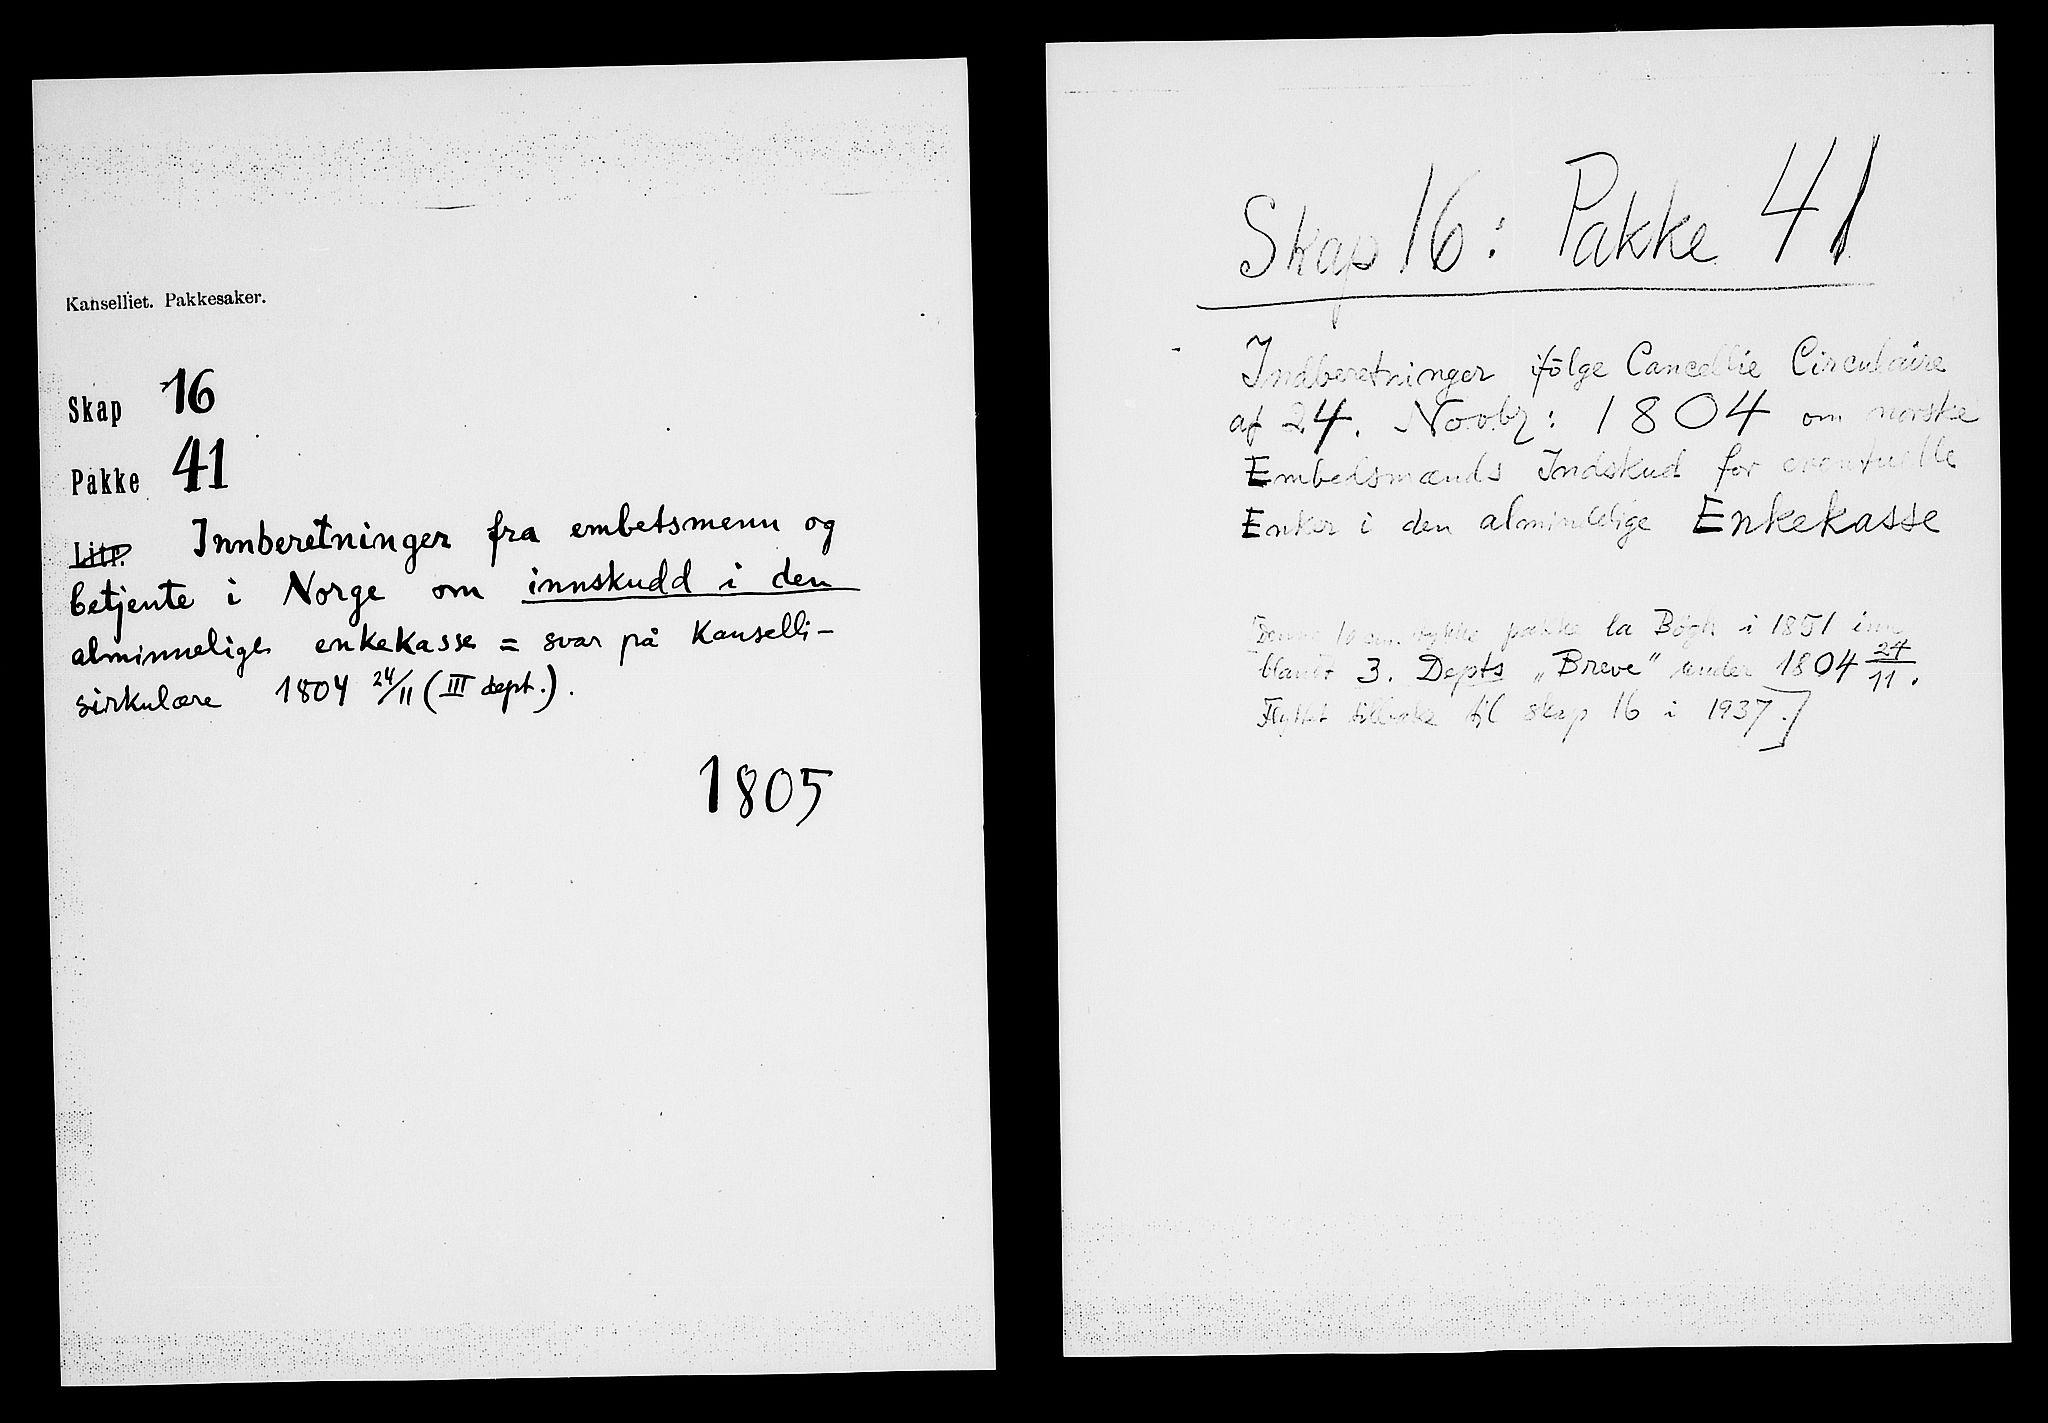 RA, Danske Kanselli, Skapsaker, F/L0115: Skap 16, pakke 41, 1805, s. 2